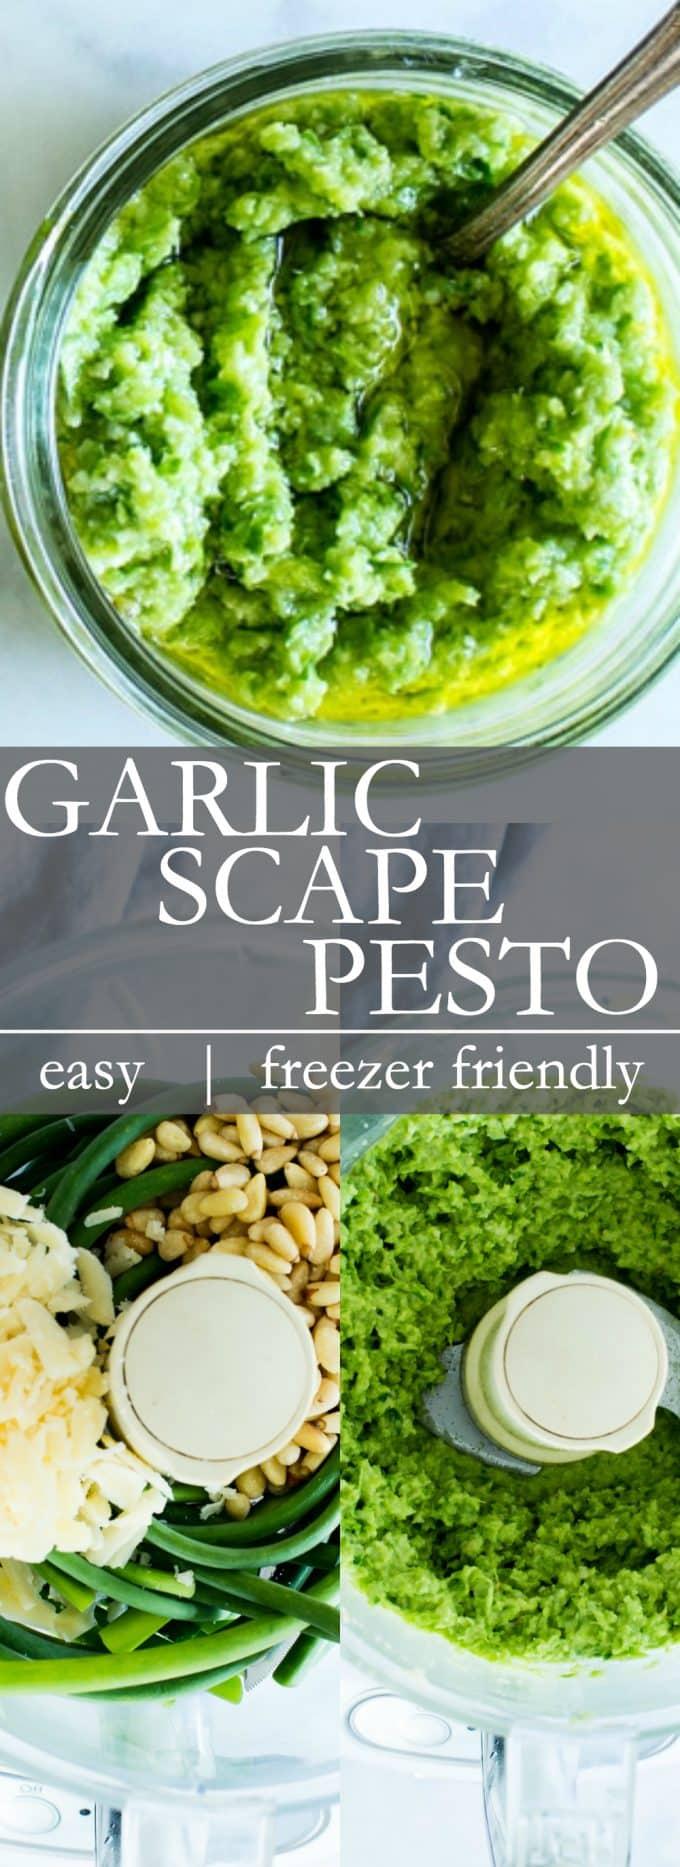 Garlic Scape Pesto Pin